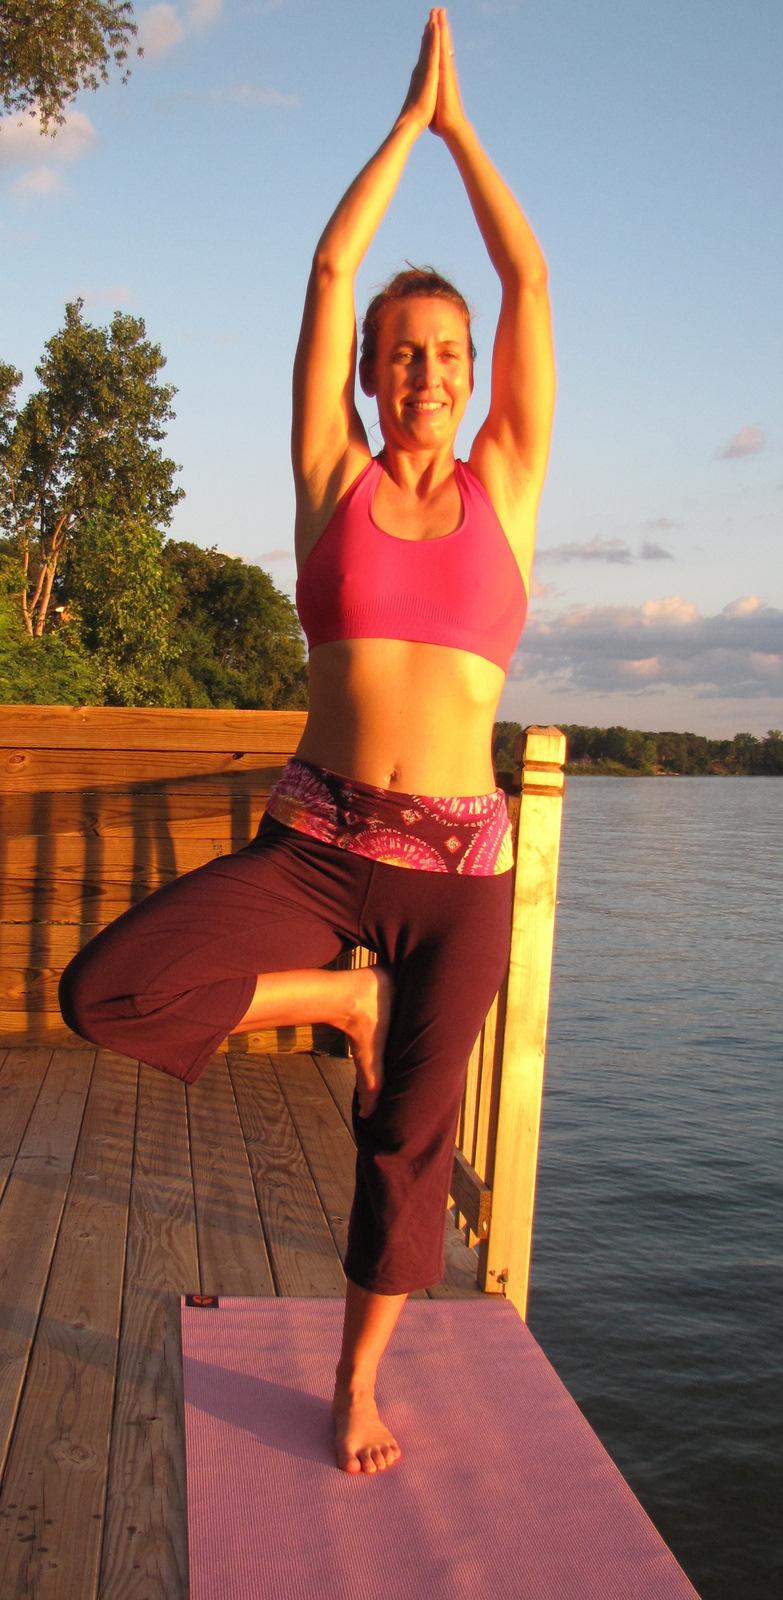 Tatiana Knight - Yes Yoga   www.y2yesyoga.com